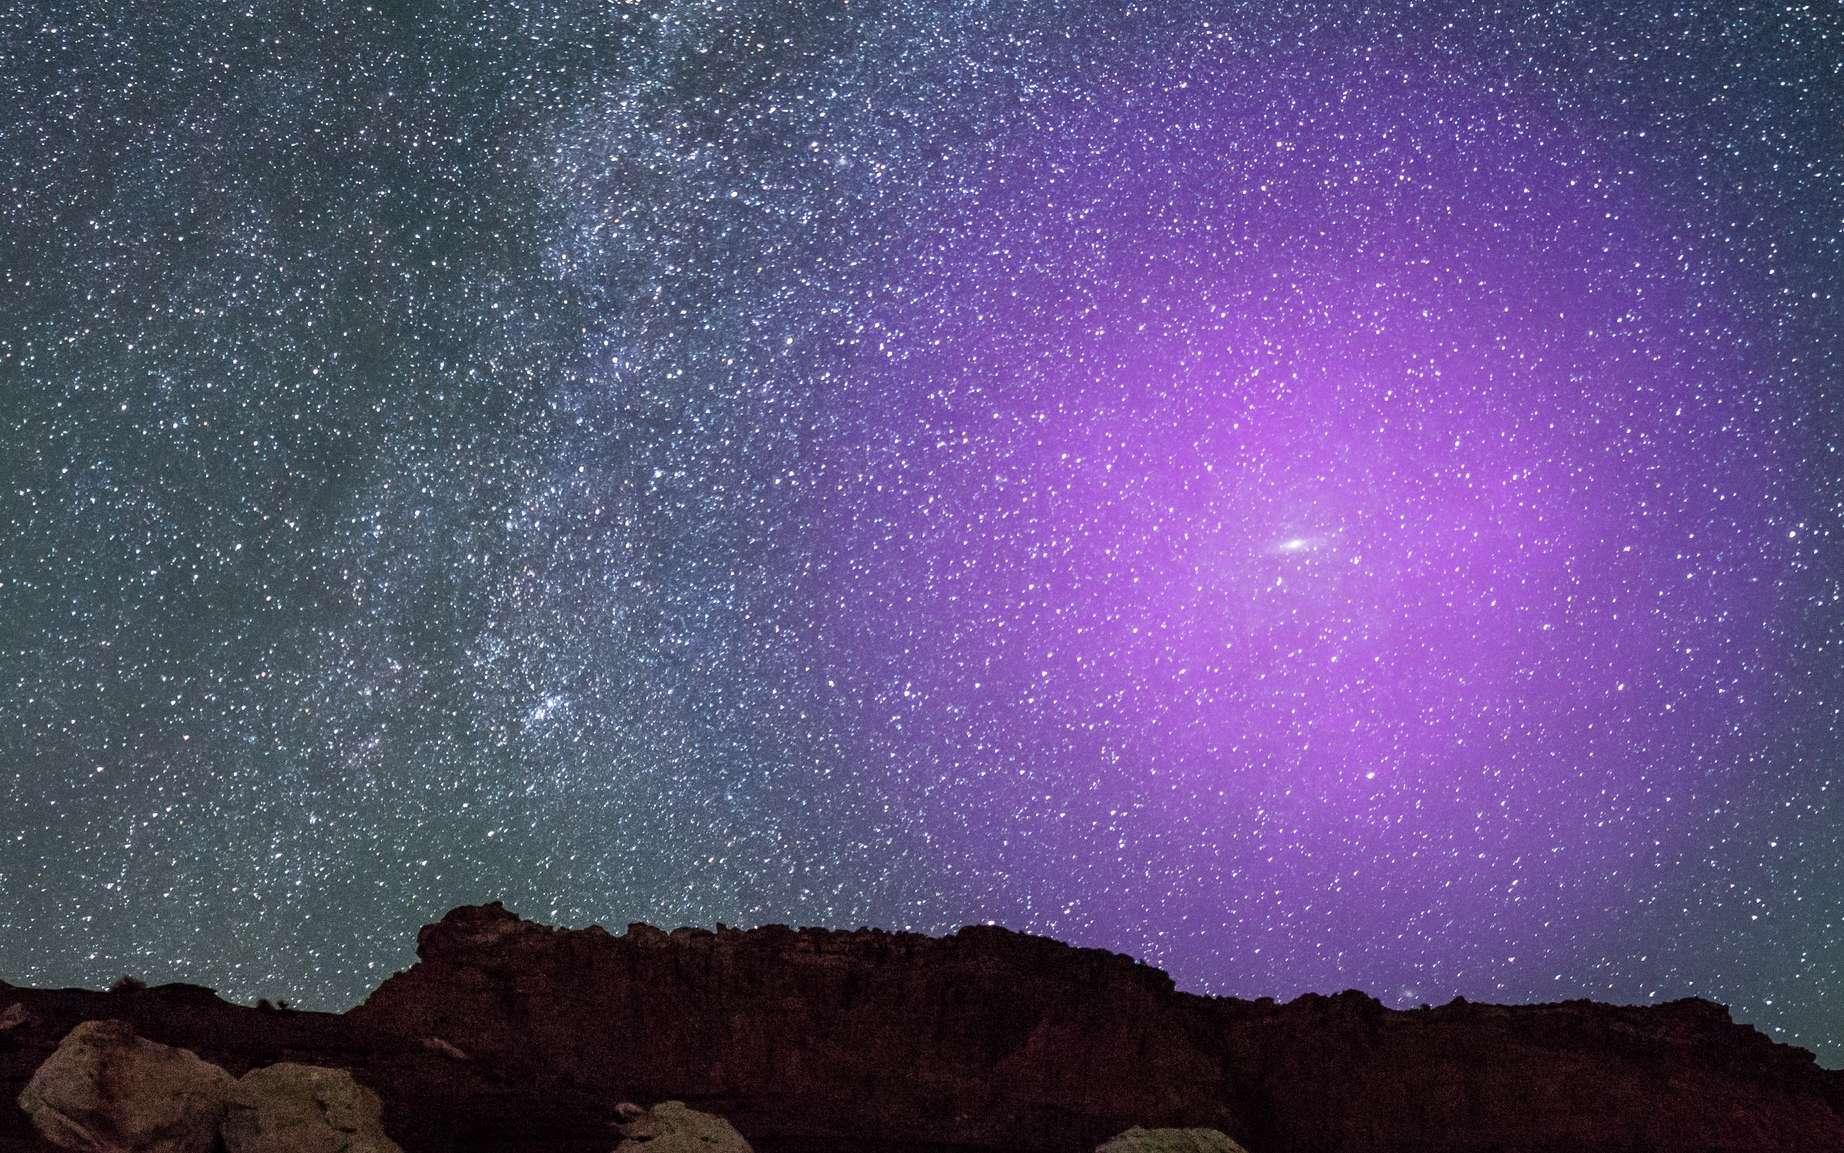 Représentation du halo de la galaxie d'Andromède et de la place qu'il occupe dans le ciel terrestre, si on pouvait le voir. © Nasa